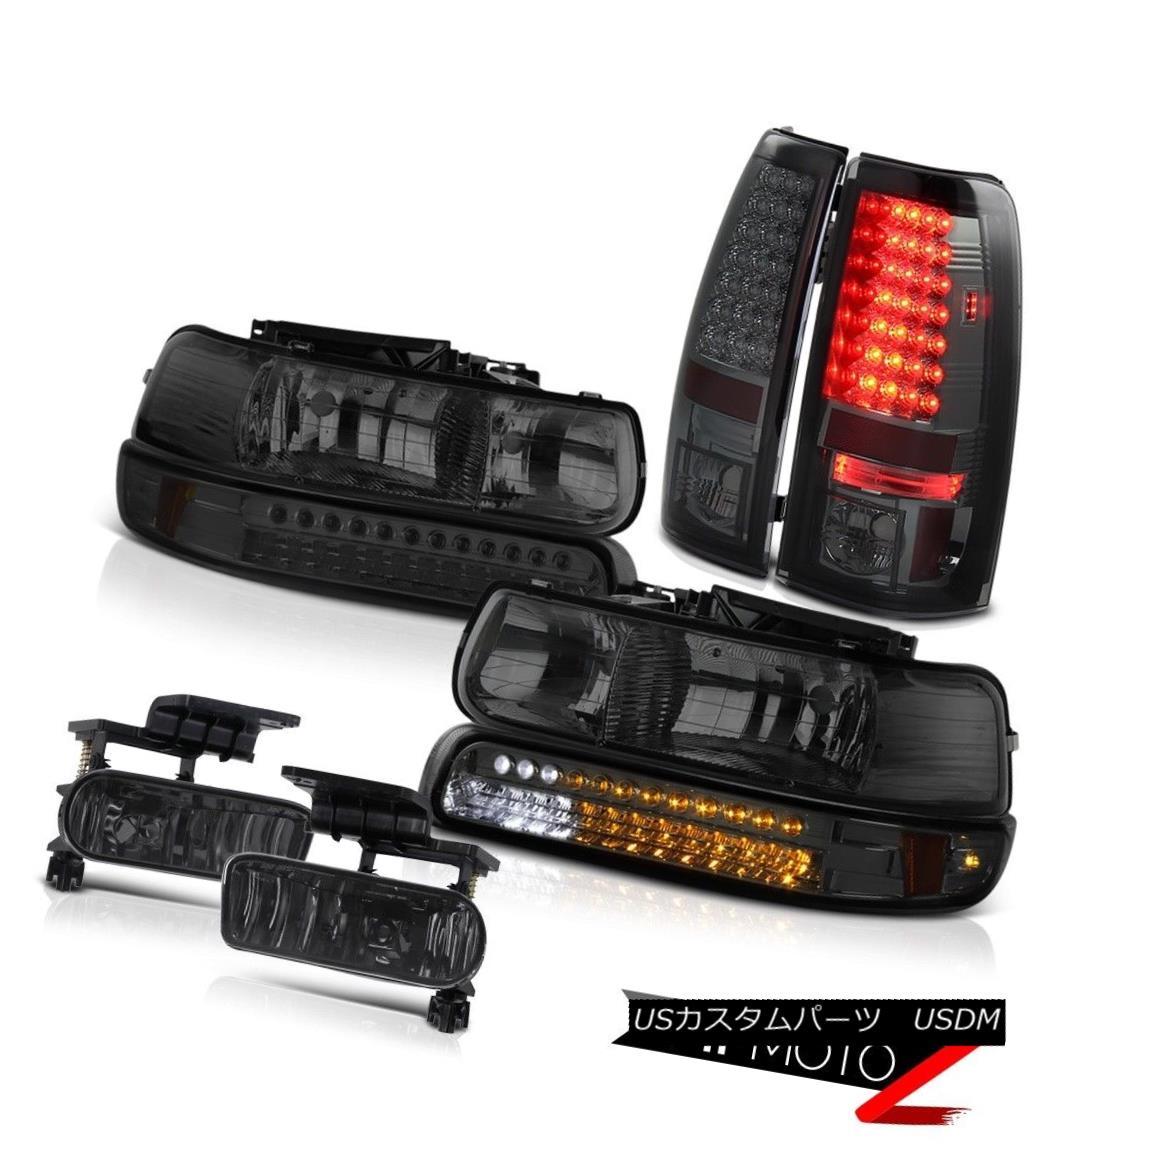 ヘッドライト 99-02 GMT800 Silverado Smoke LED Bumper Headlamps Brake Tail Light Foglights 99-02 GMT800 SilveradoスモークLEDバンパーヘッドランプブレーキテールライトフォグライト